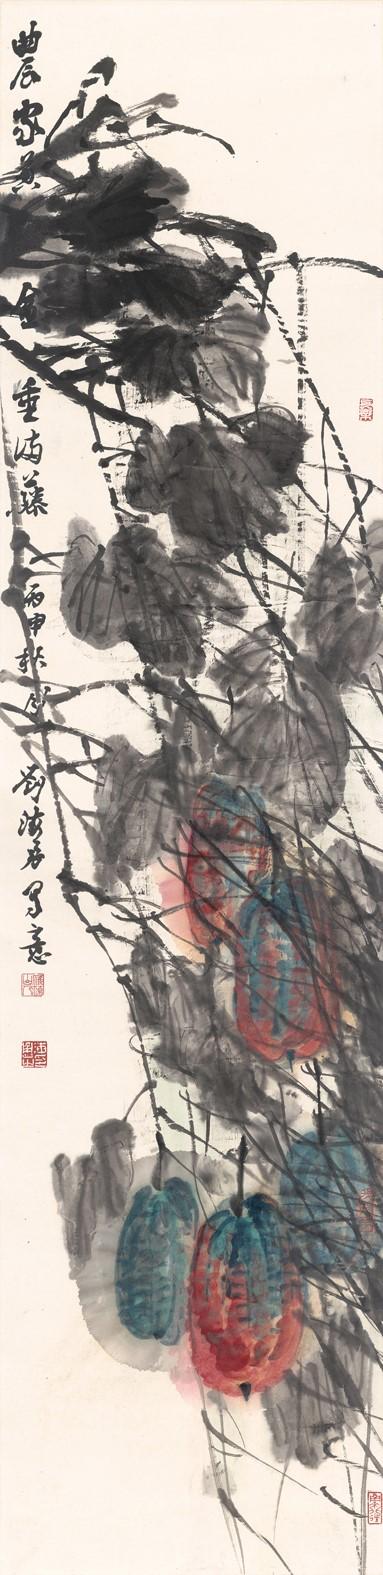 刘海勇《家乡的风》139cm×35cm  纸本设色  2016年